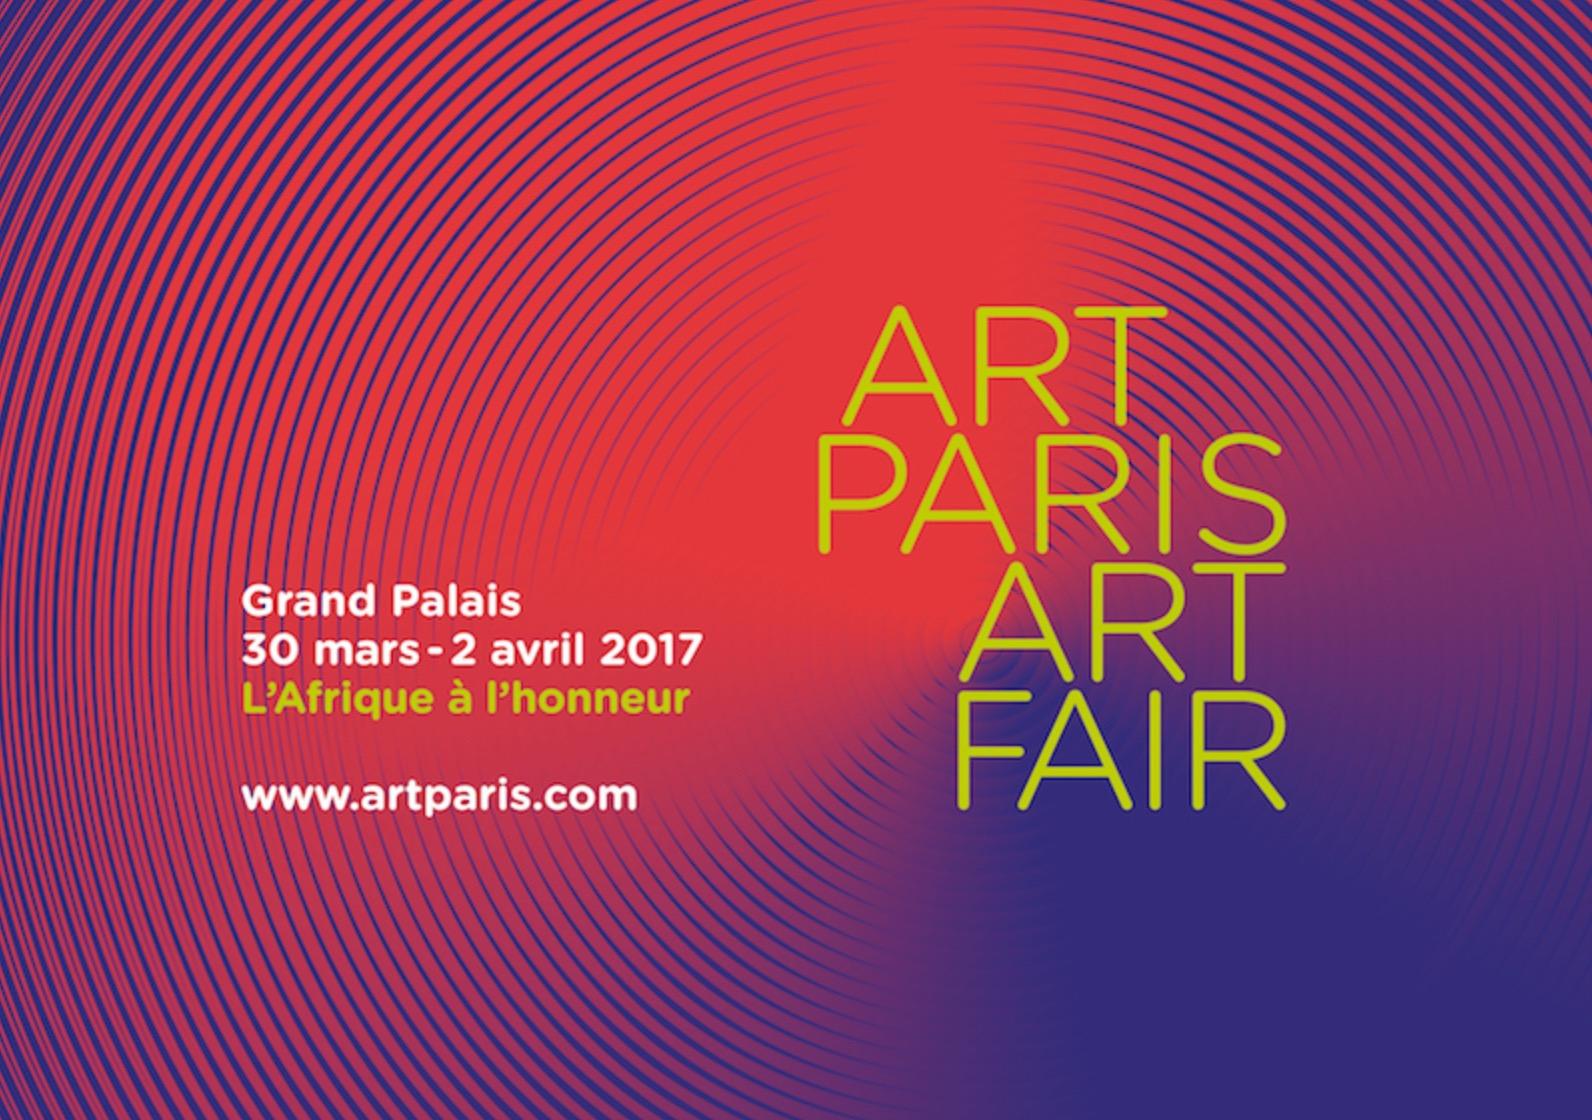 ART PARIS ART FAIR 2017 – GRAND PALAIS PARIS